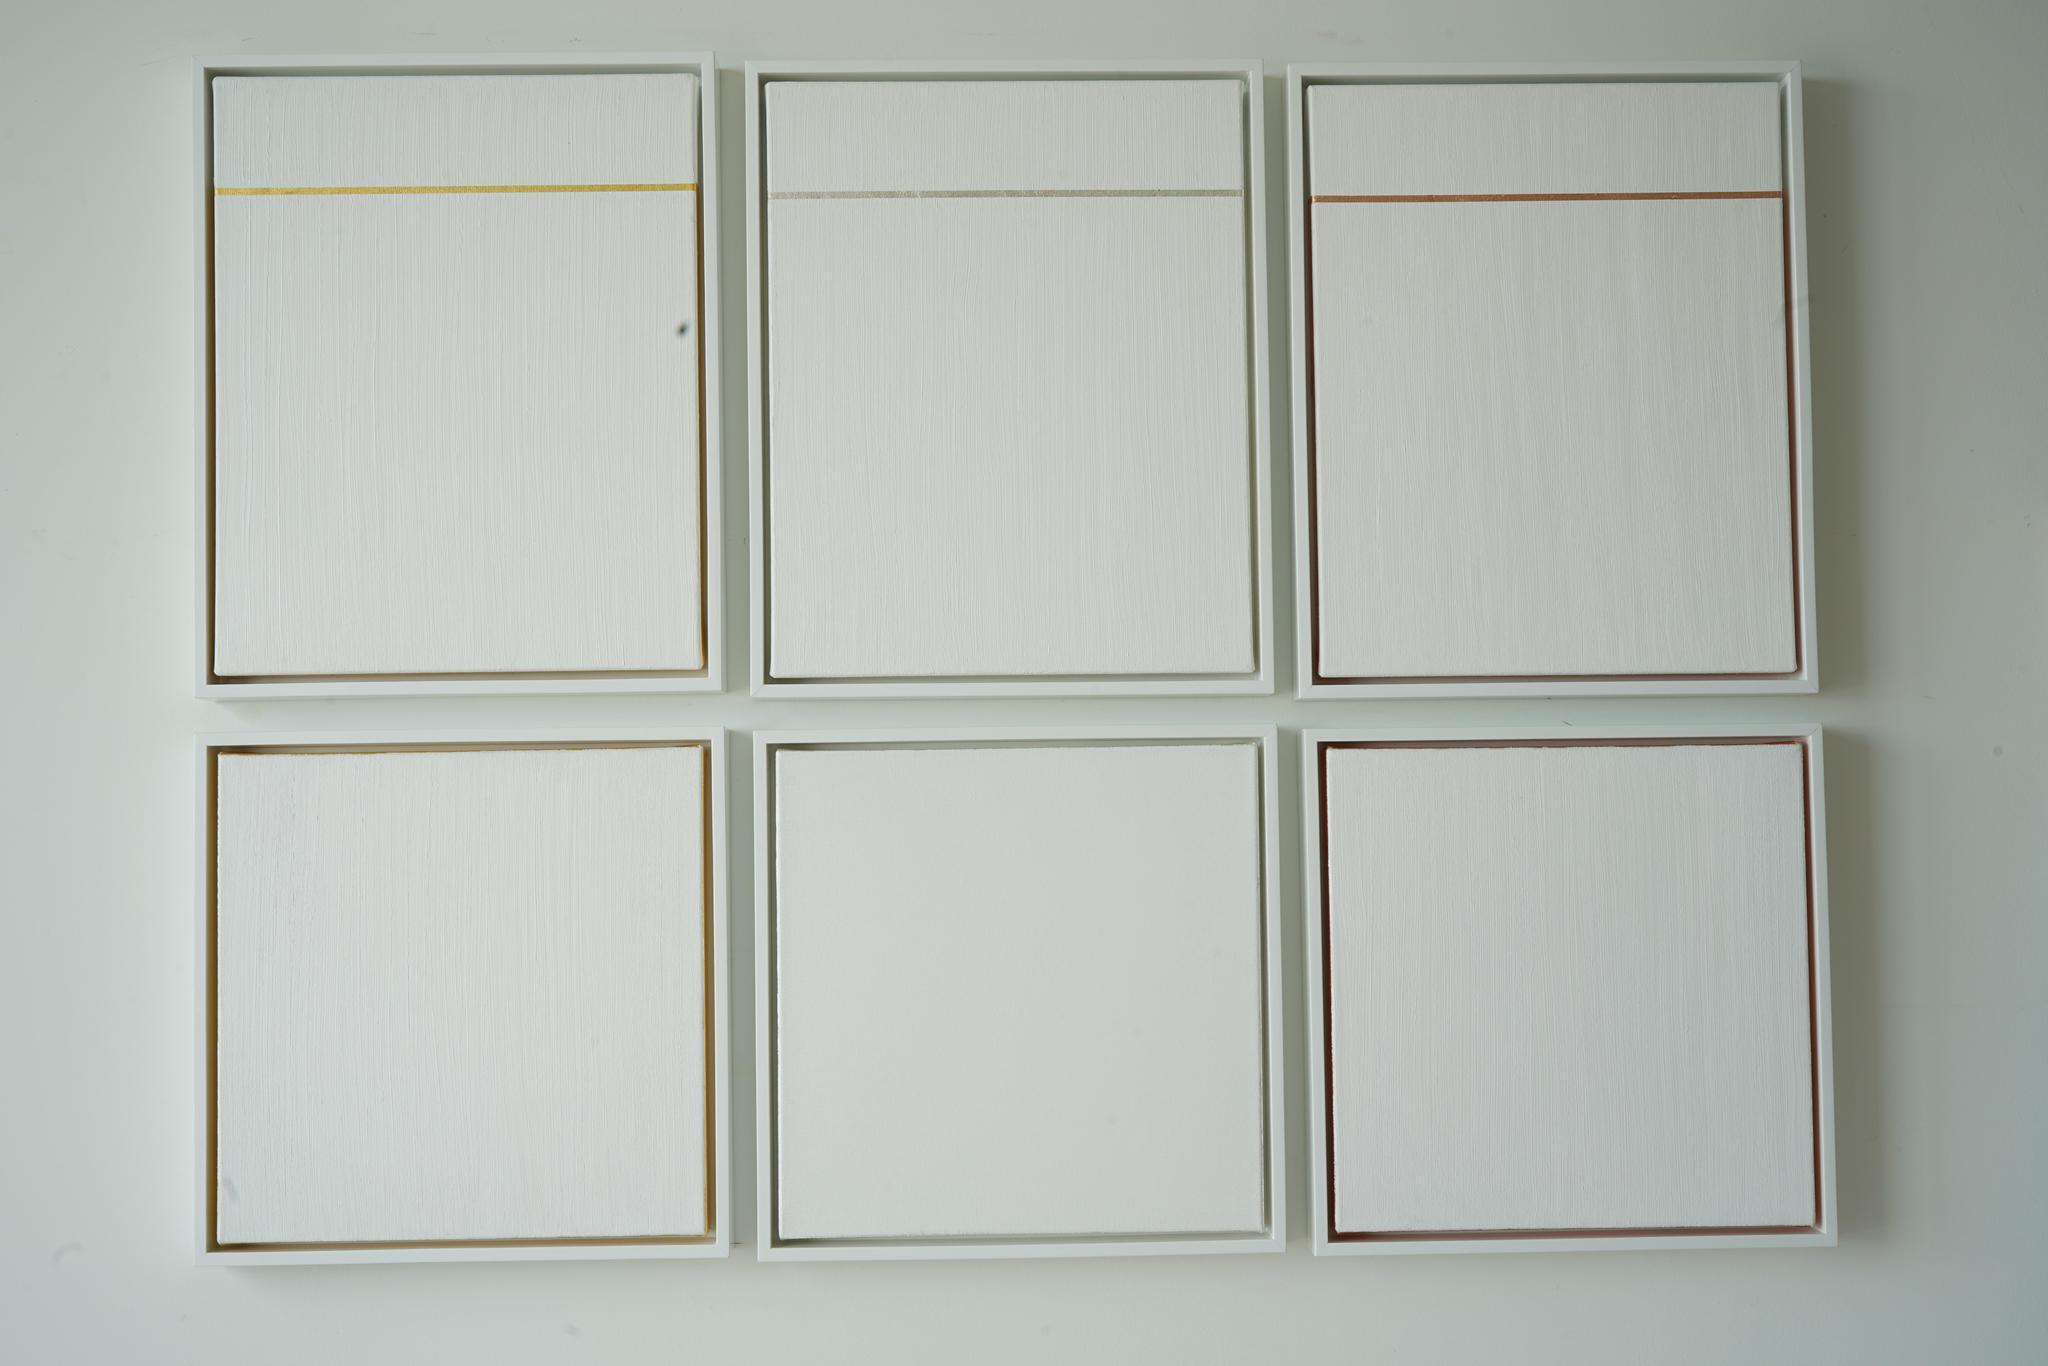 Six 3D squares, Polyptych 40x53.5x2 inch, each 21.4x17.5x2 inch and 17.5 x 17.5 x 2 inch, Gold leaf, copper leaf, silver leaf, Canvas, wood frame, 2019.